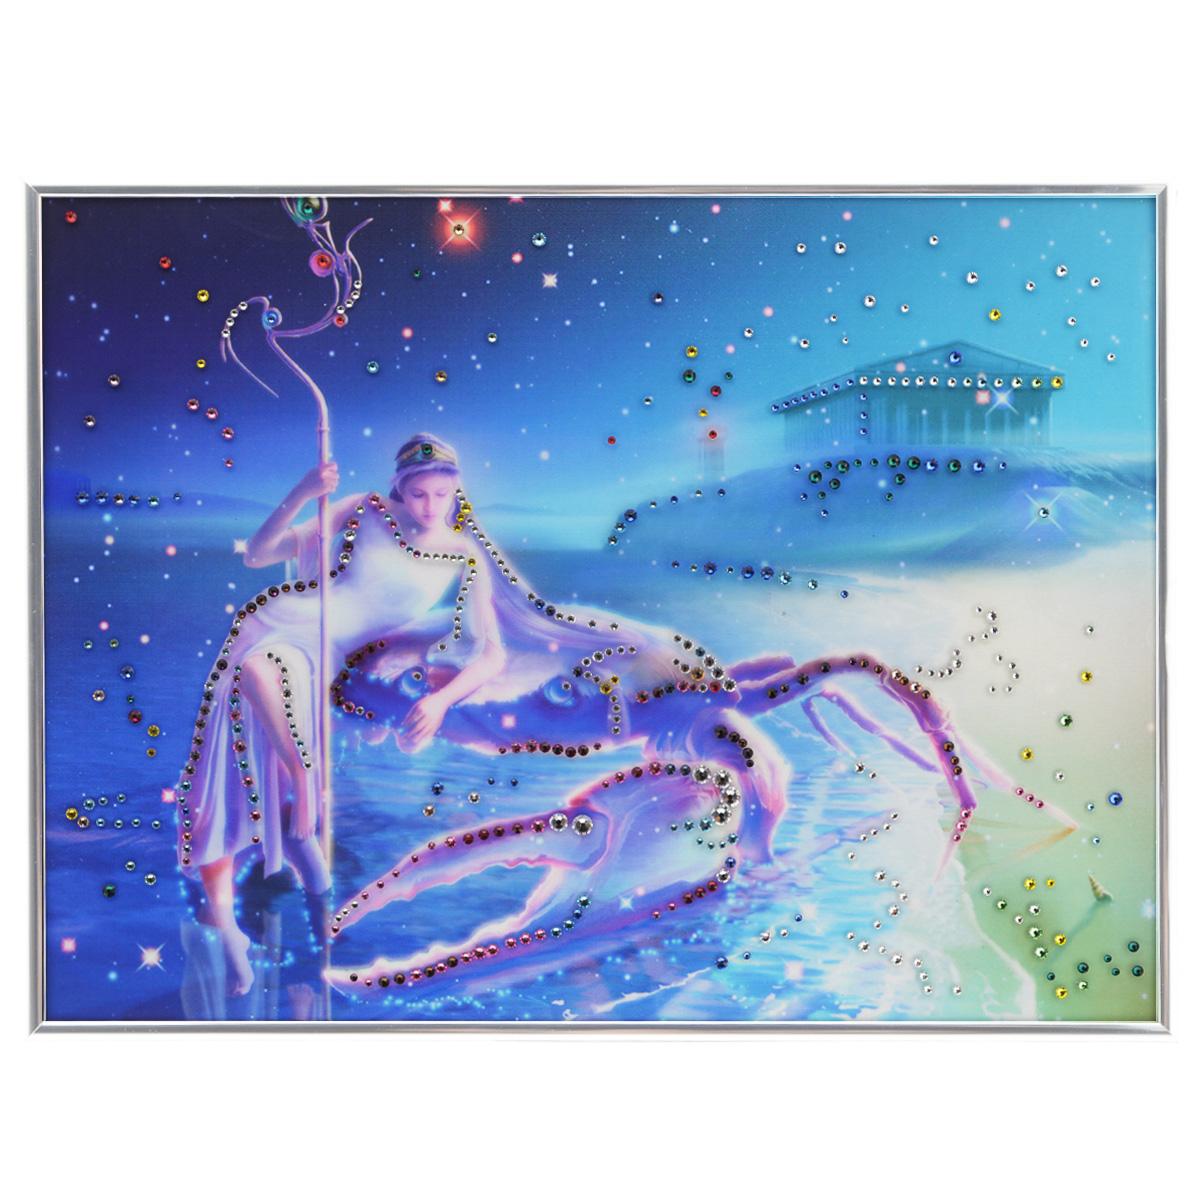 Картина с кристаллами Swarovski Знак зодиака. Рак Кагая, 40 х 30 смRG-D31SИзящная картина в металлической раме, инкрустирована кристаллами Swarovski, которые отличаются четкой и ровной огранкой, ярким блеском и чистотой цвета. Красочное изображение знака зодиака - рак Кагая, расположенное под стеклом, прекрасно дополняет блеск кристаллов. С обратной стороны имеется металлическая петелька для размещения картины на стене. Картина с кристаллами Swarovski Знак зодиака. Рак Кагая элегантно украсит интерьер дома или офиса, а также станет прекрасным подарком, который обязательно понравится получателю. Блеск кристаллов в интерьере, что может быть сказочнее и удивительнее. Картина упакована в подарочную картонную коробку синего цвета и комплектуется сертификатом соответствия Swarovski.